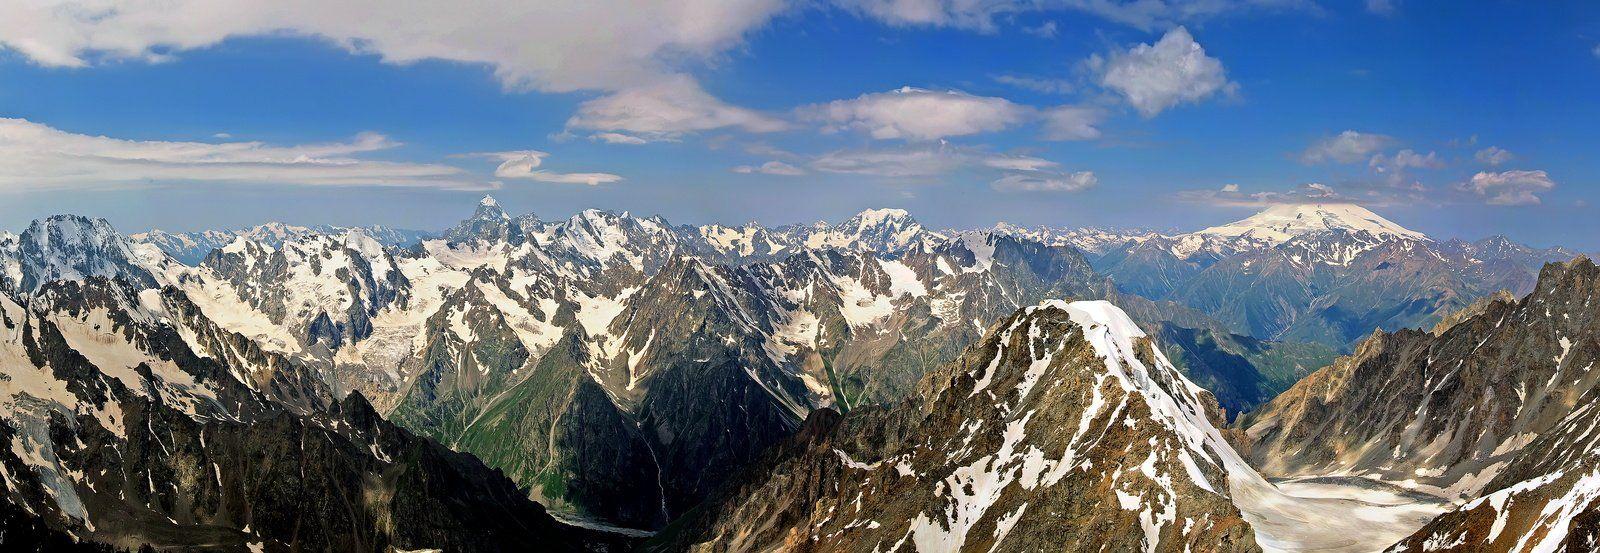 кавказ, приэльбрусье, горы, Максим Рогозин